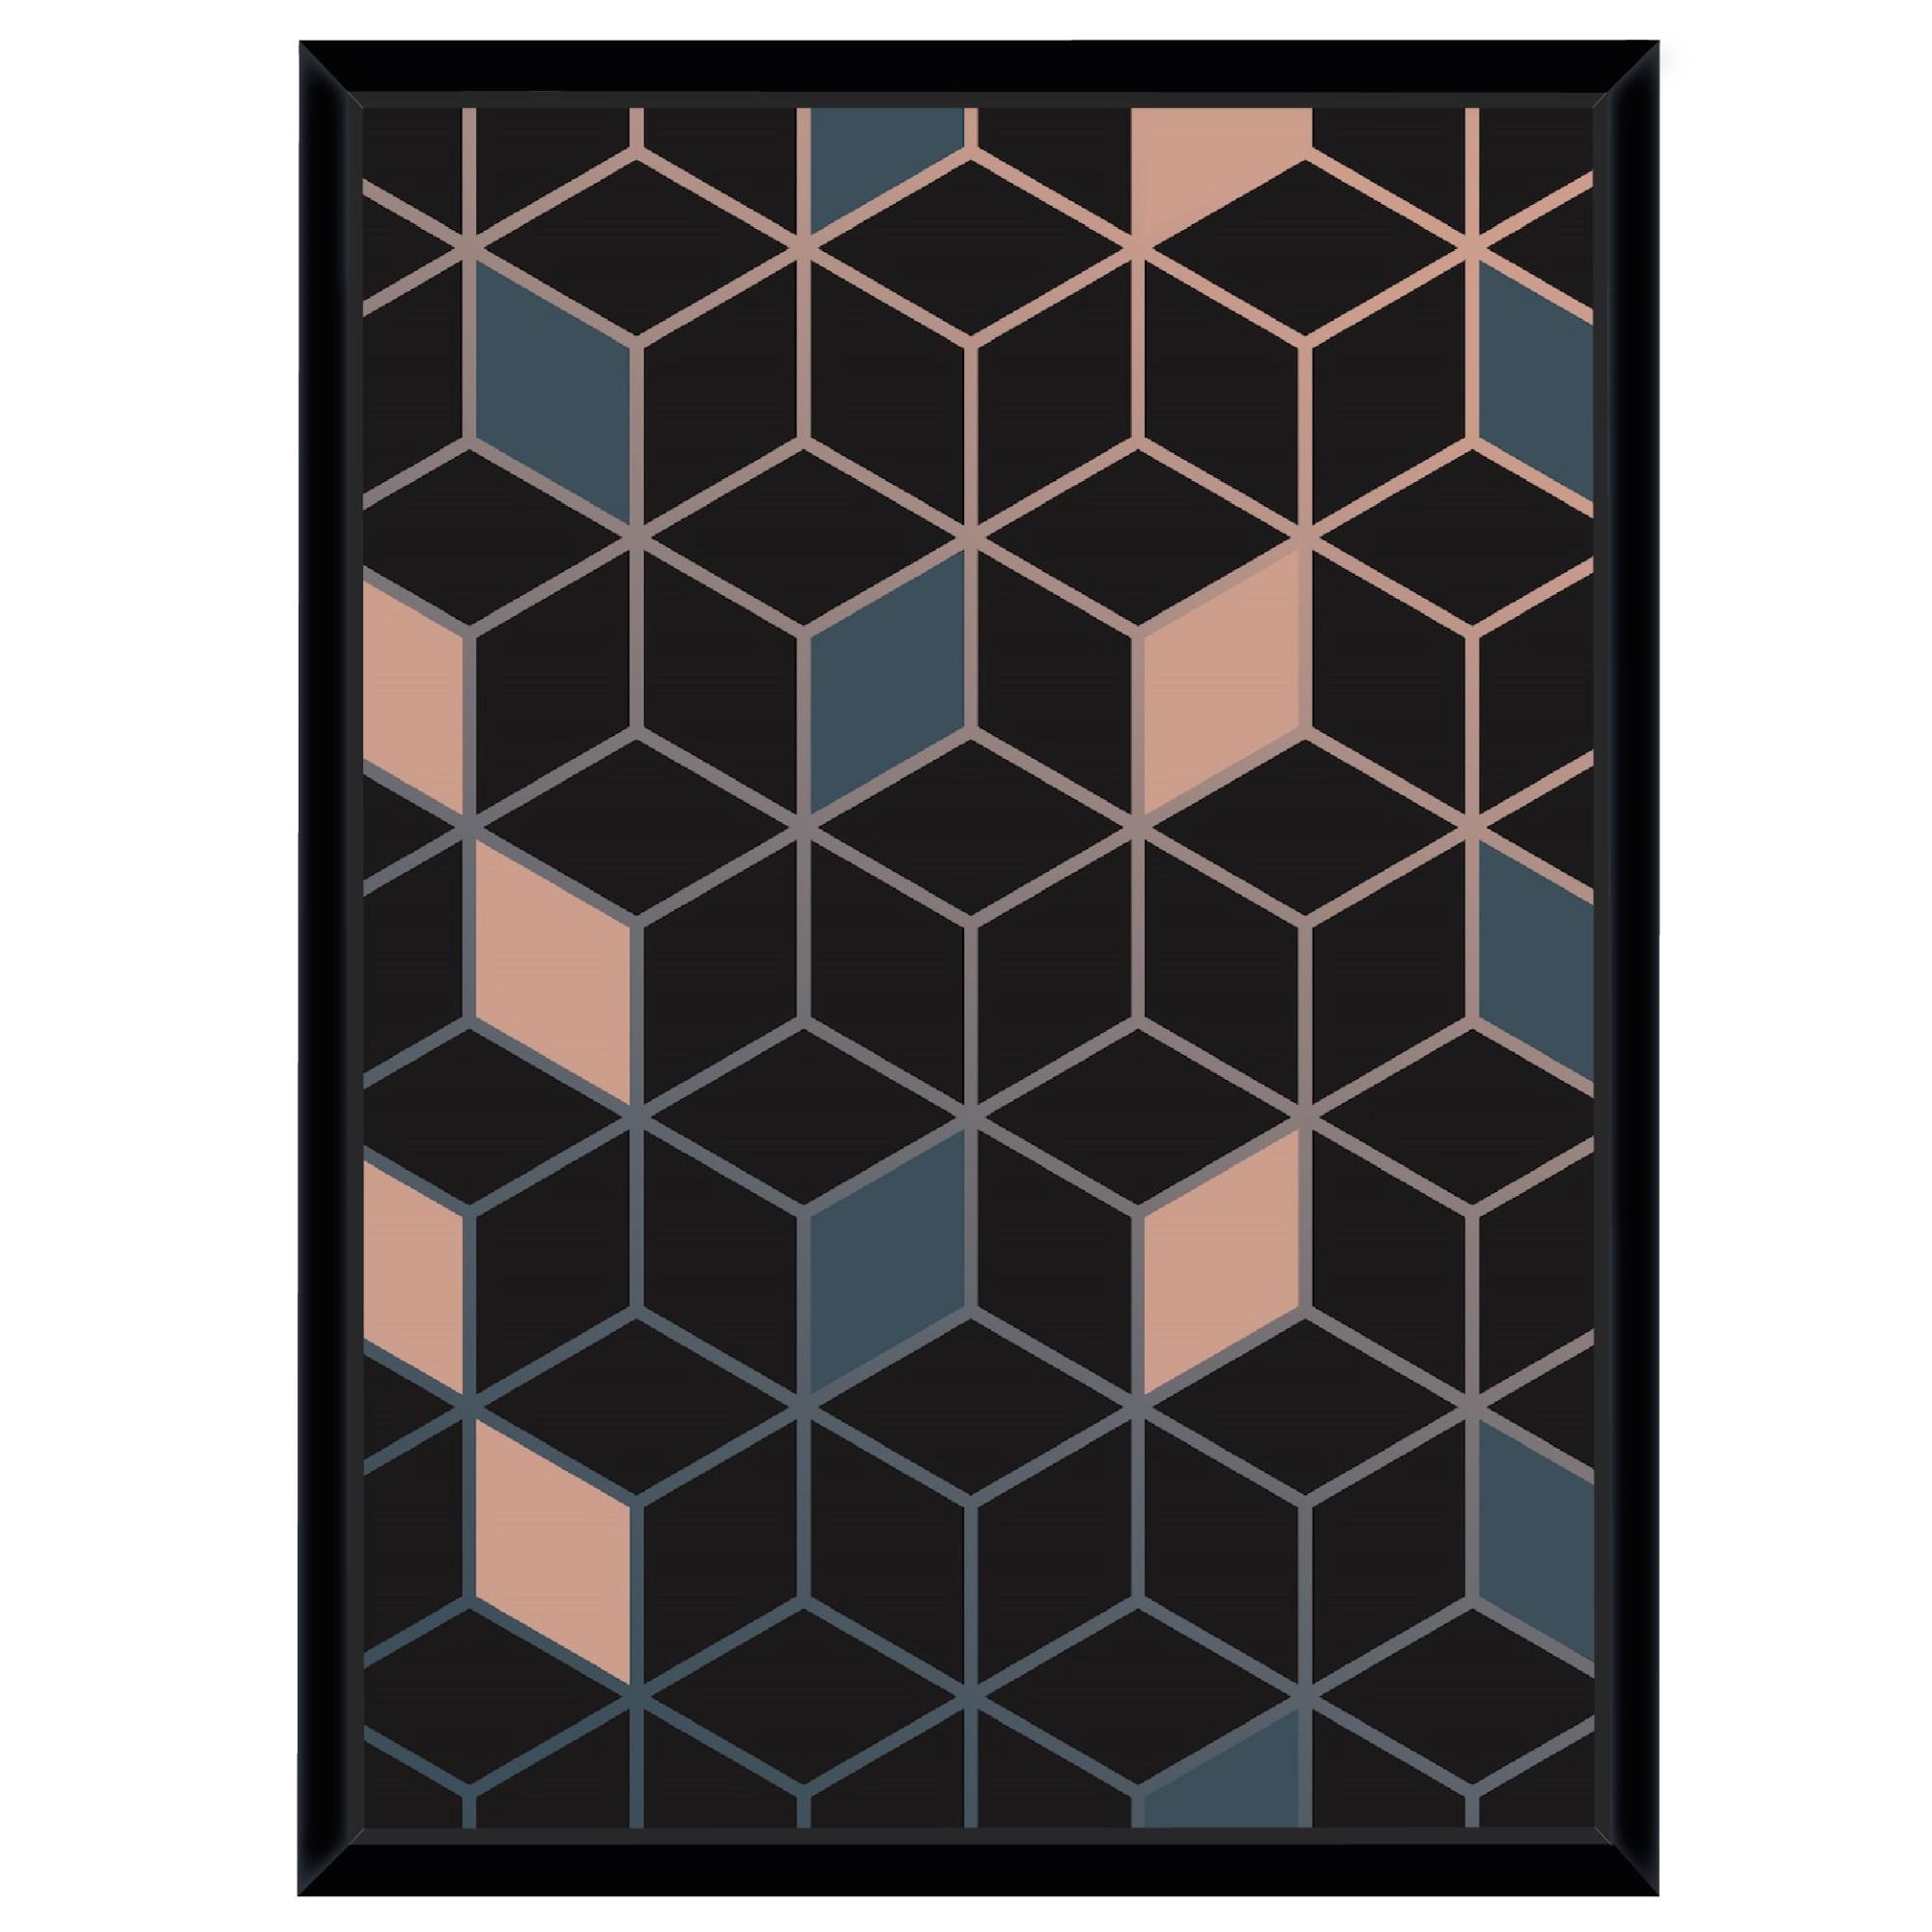 Quadro Decorativo 73x53 cm Geometrico Preto 541137 - Euroquadros